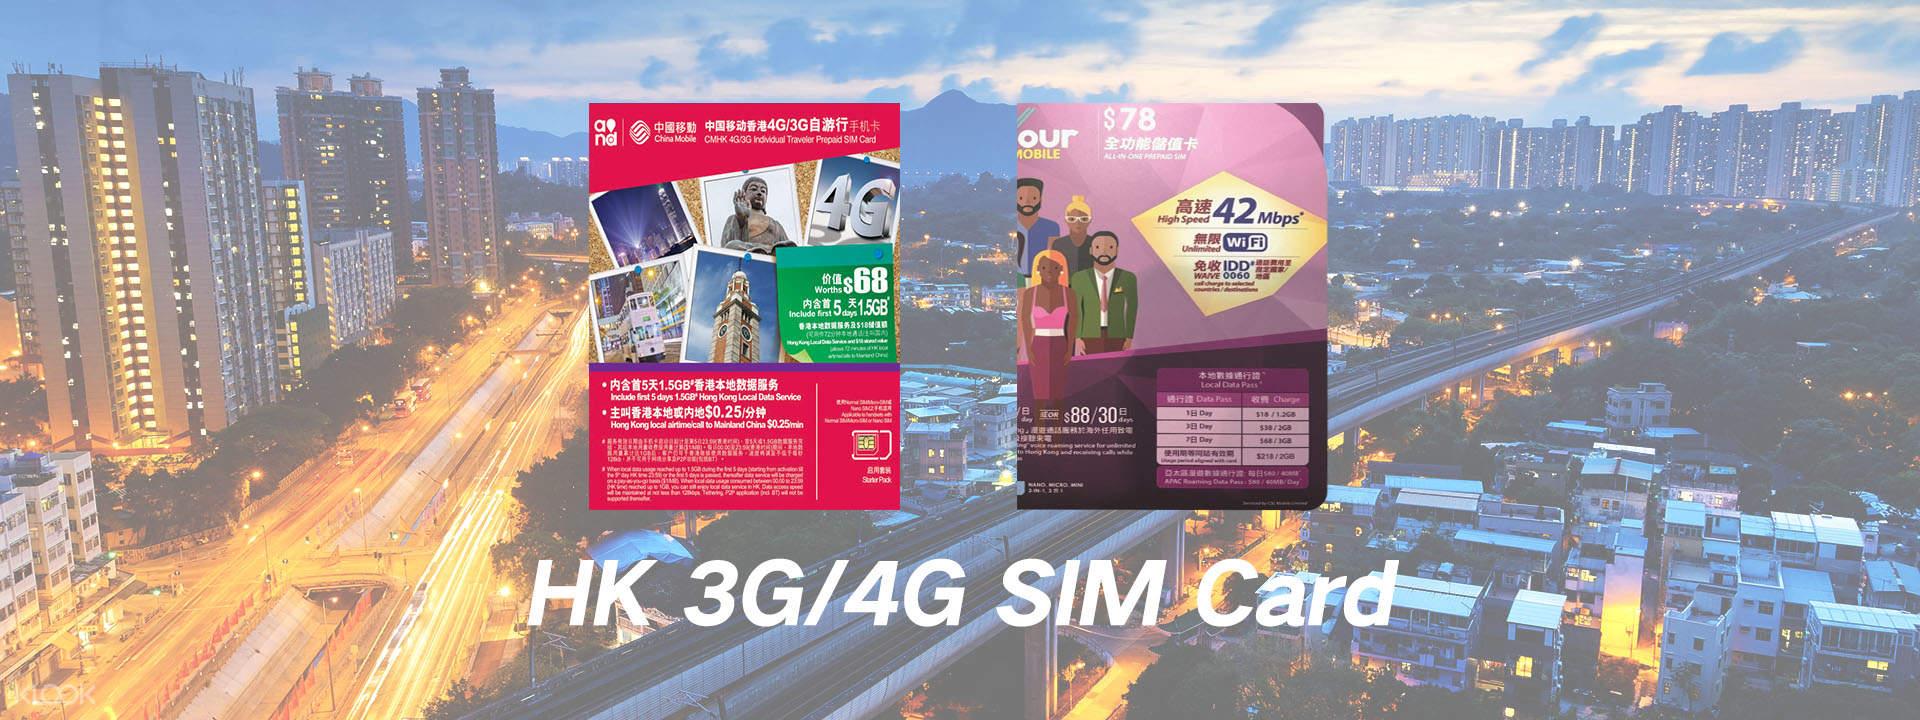 Hong Kong 4G SIM Card - HONG KONG | Klook Travel